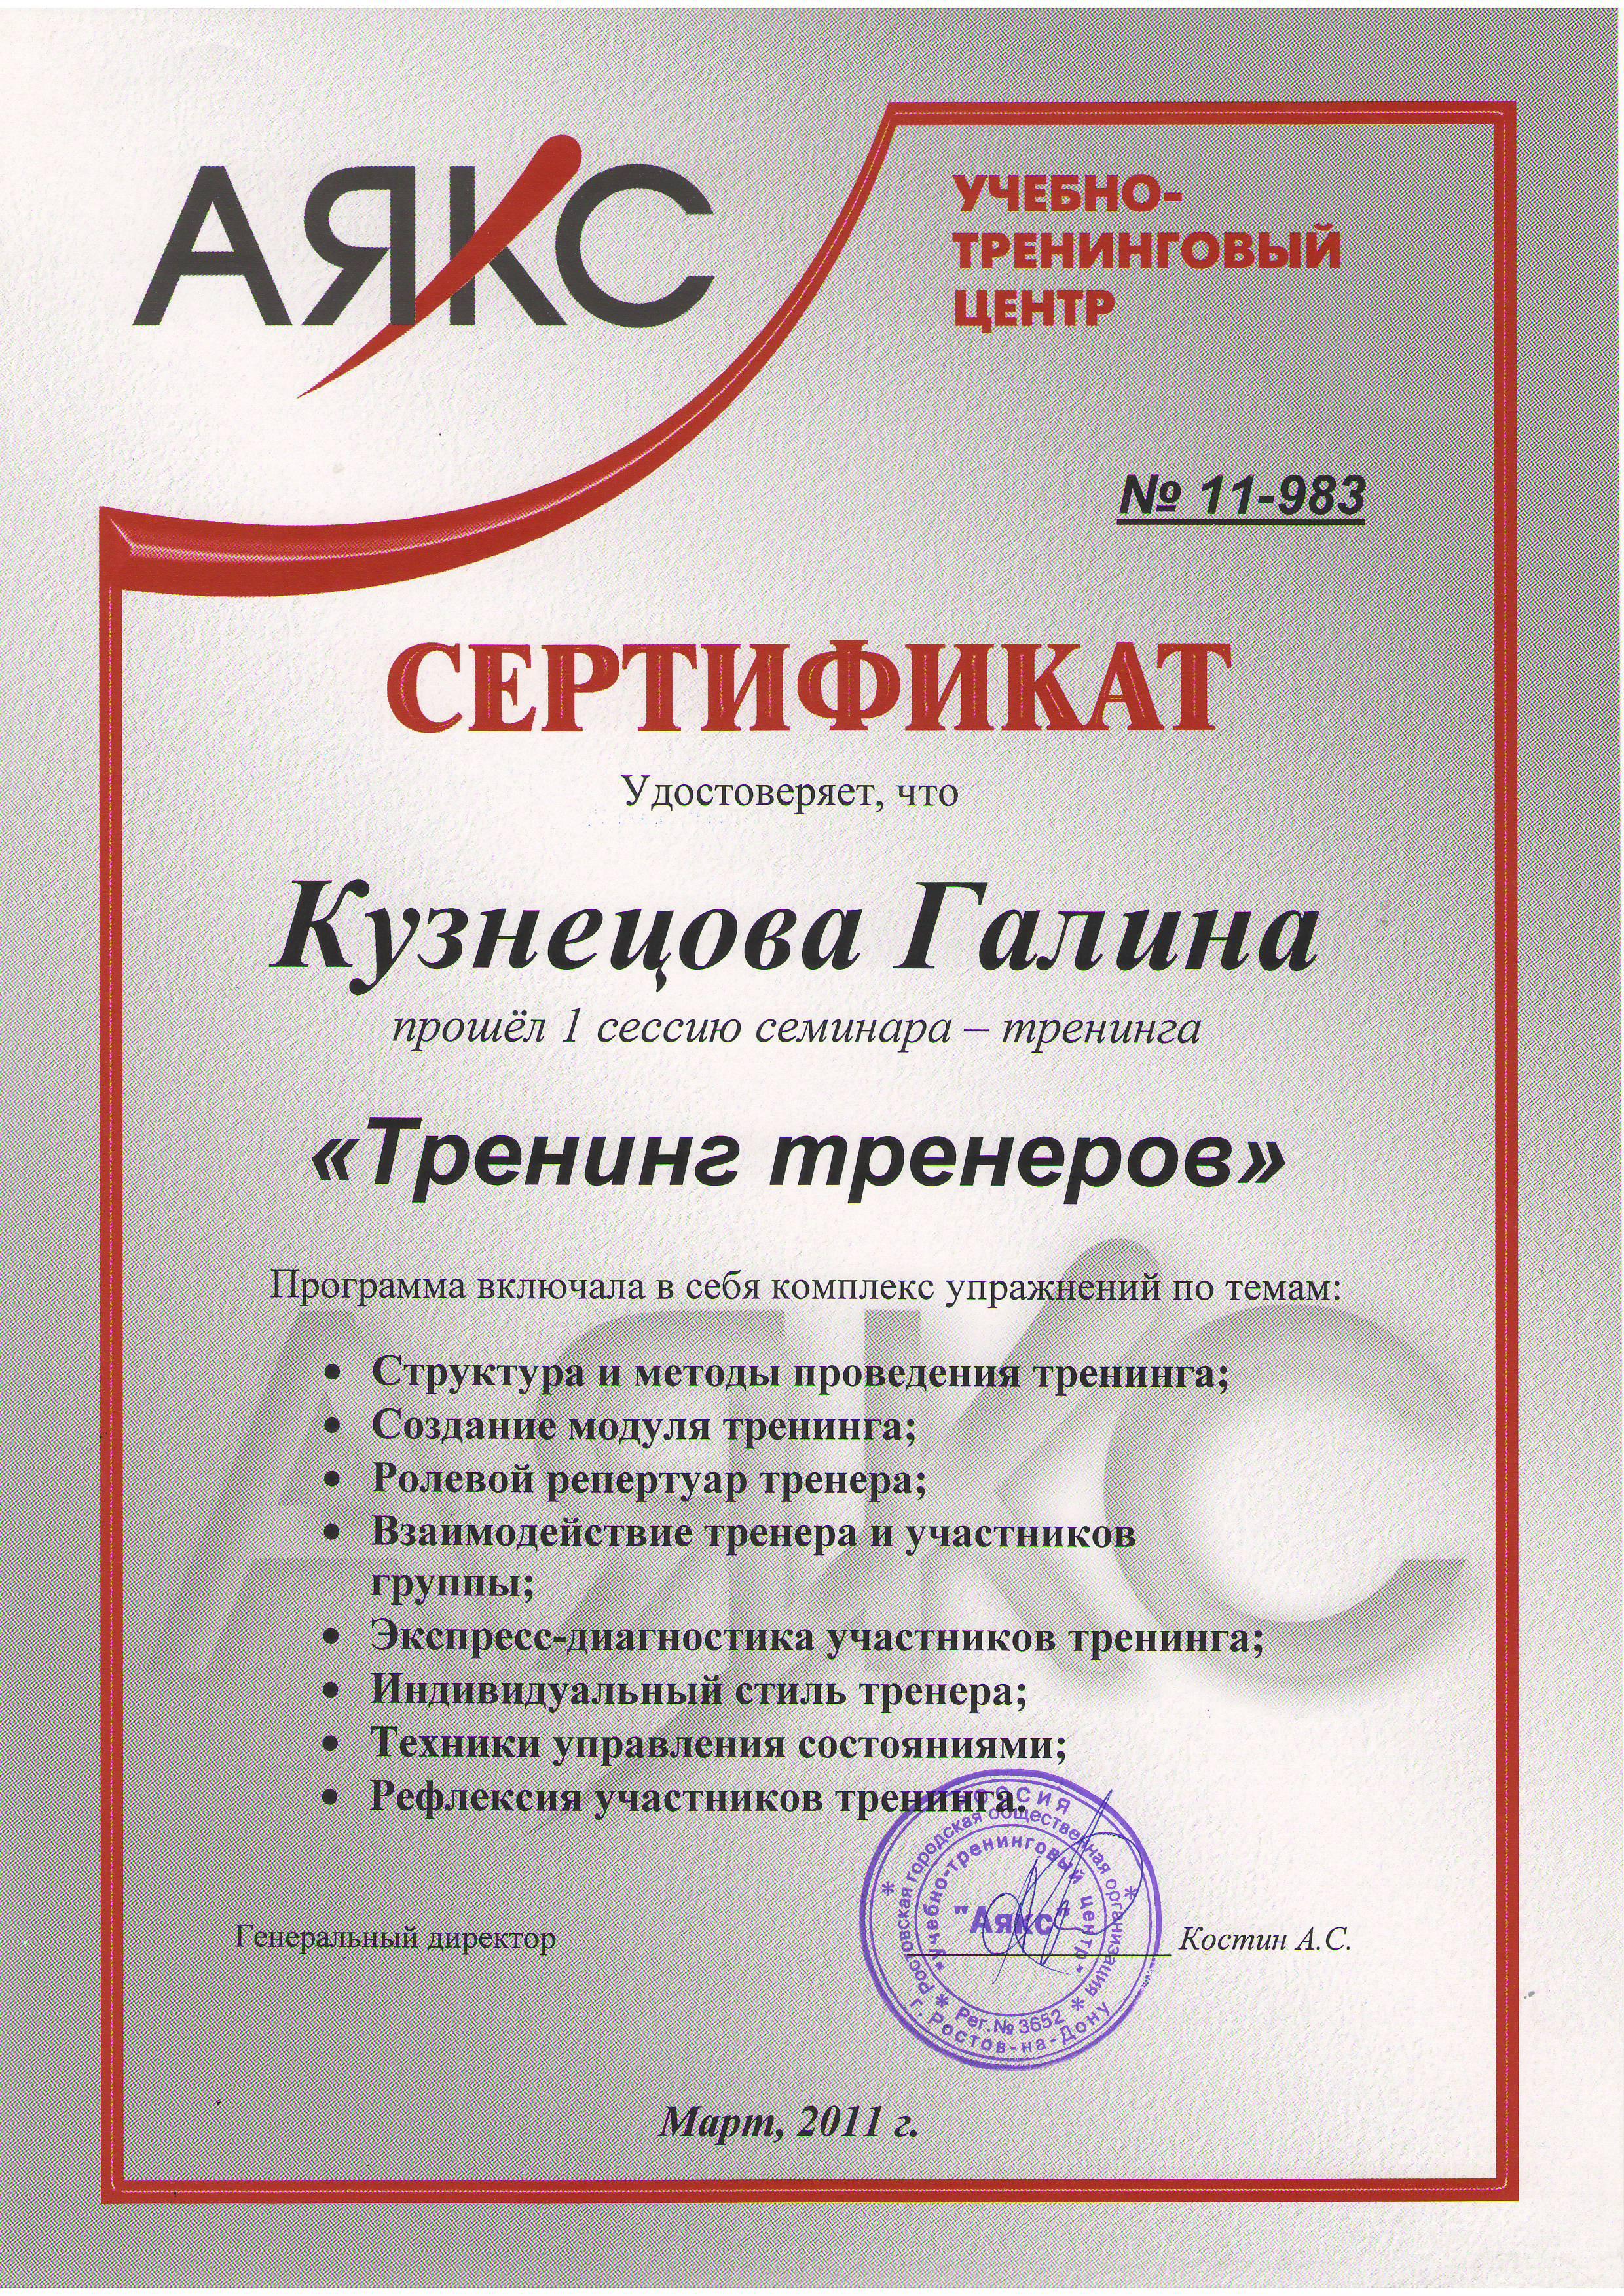 Дипломы сертификаты Кузнецова Галина интернет маркетолог  Эффективное управление